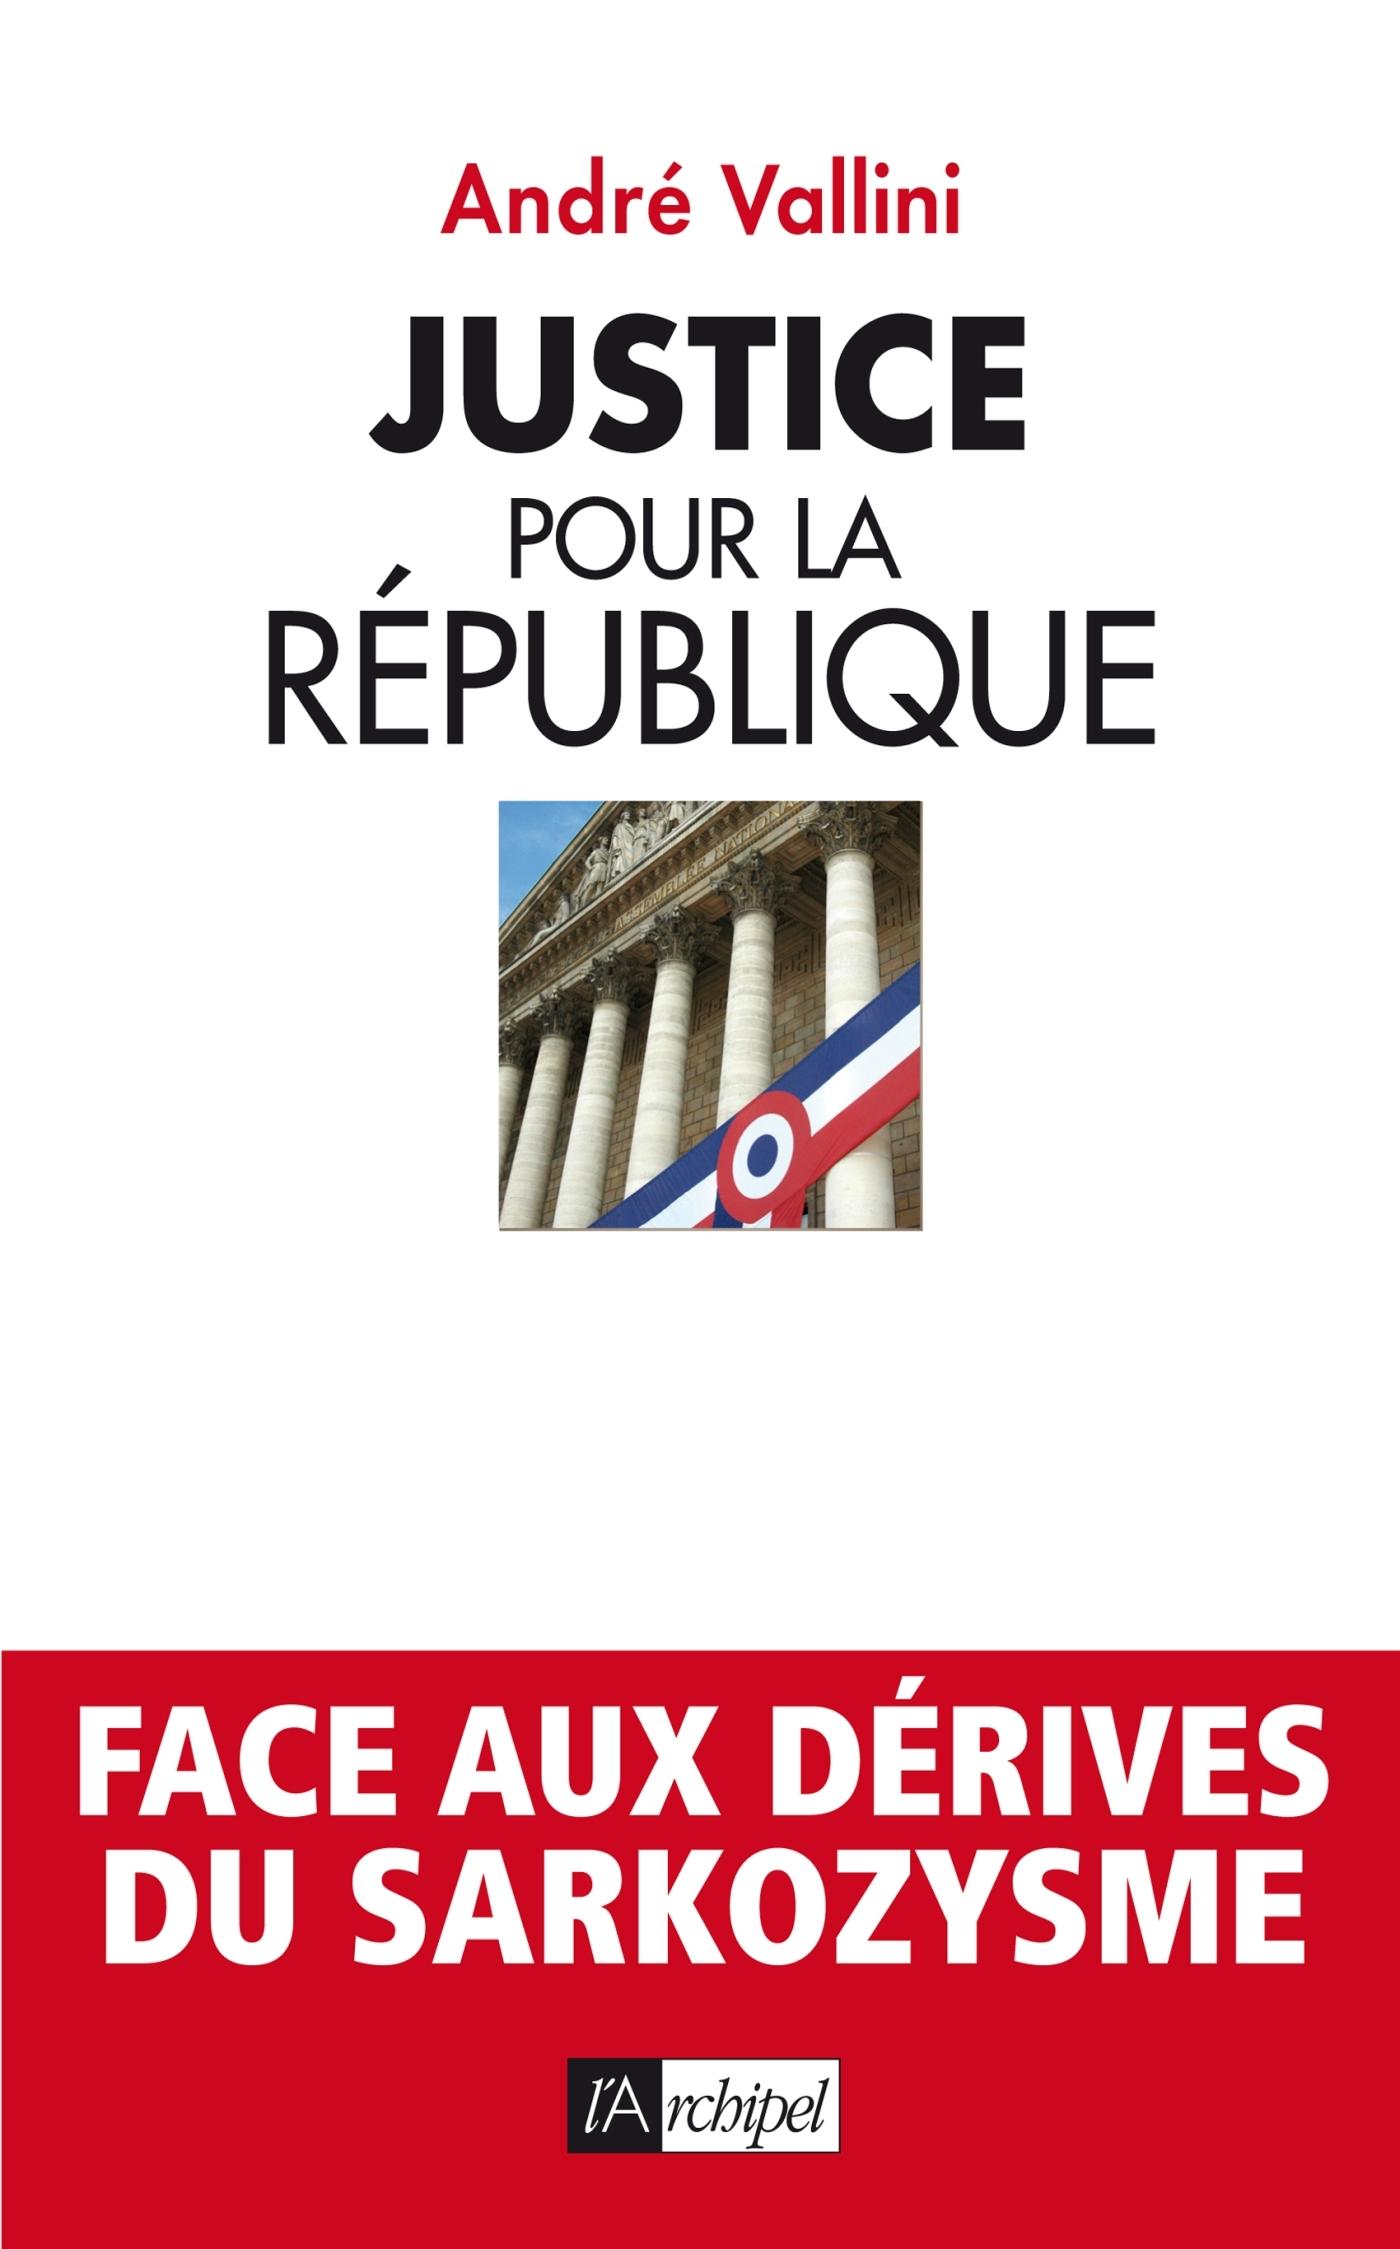 JUSTICE POUR LA REPUBLIQUE